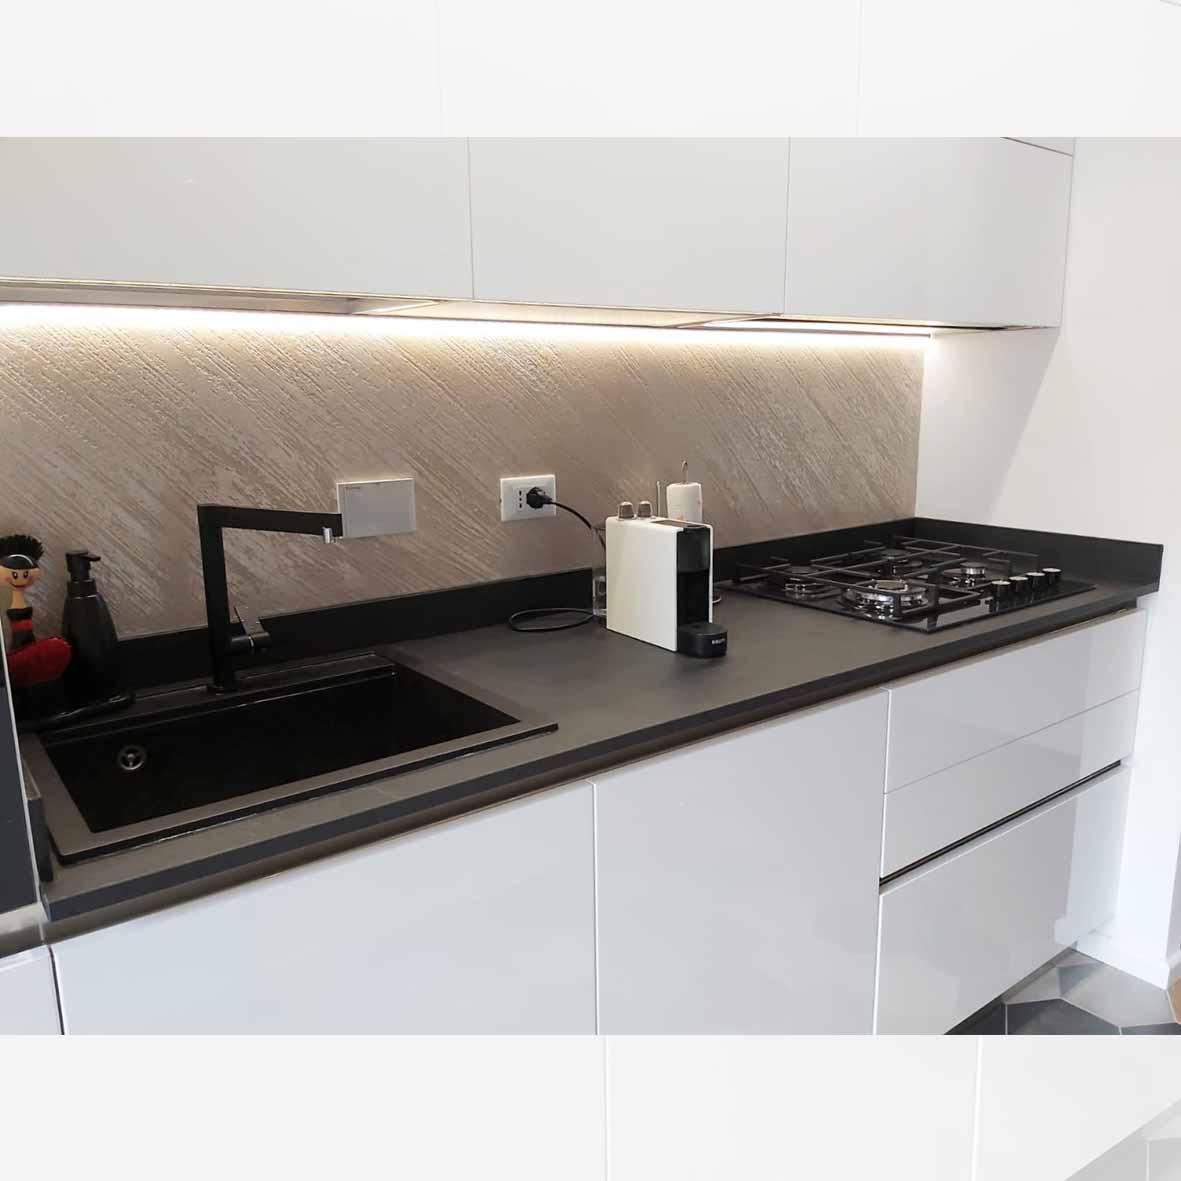 cucina-arredo3-top hpl-centro dell'arredamento-savona-interior design-genova